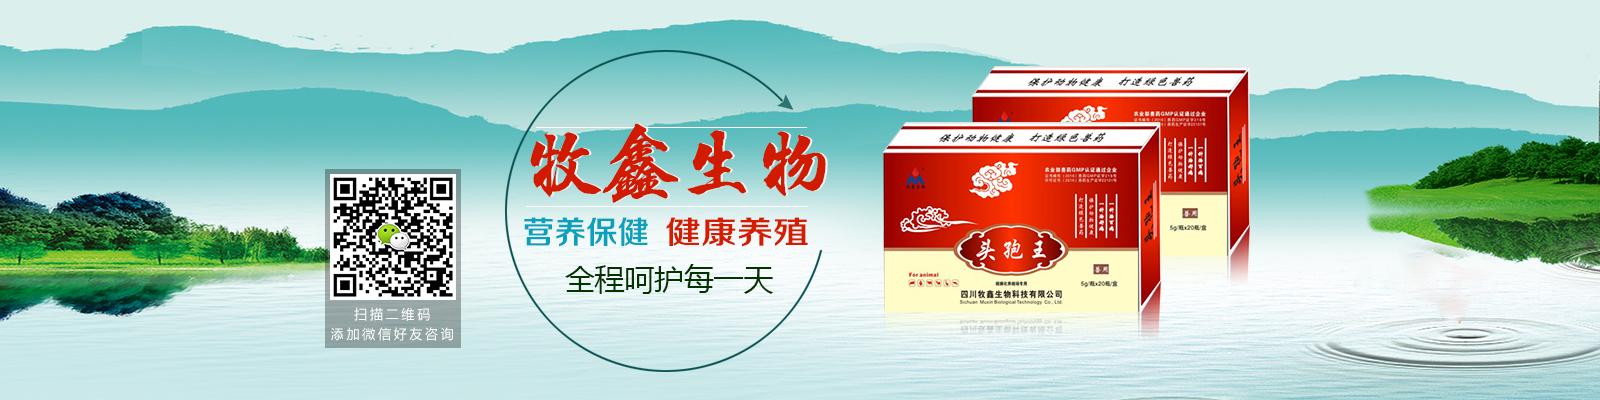 四川牧鑫生物科技有限公司